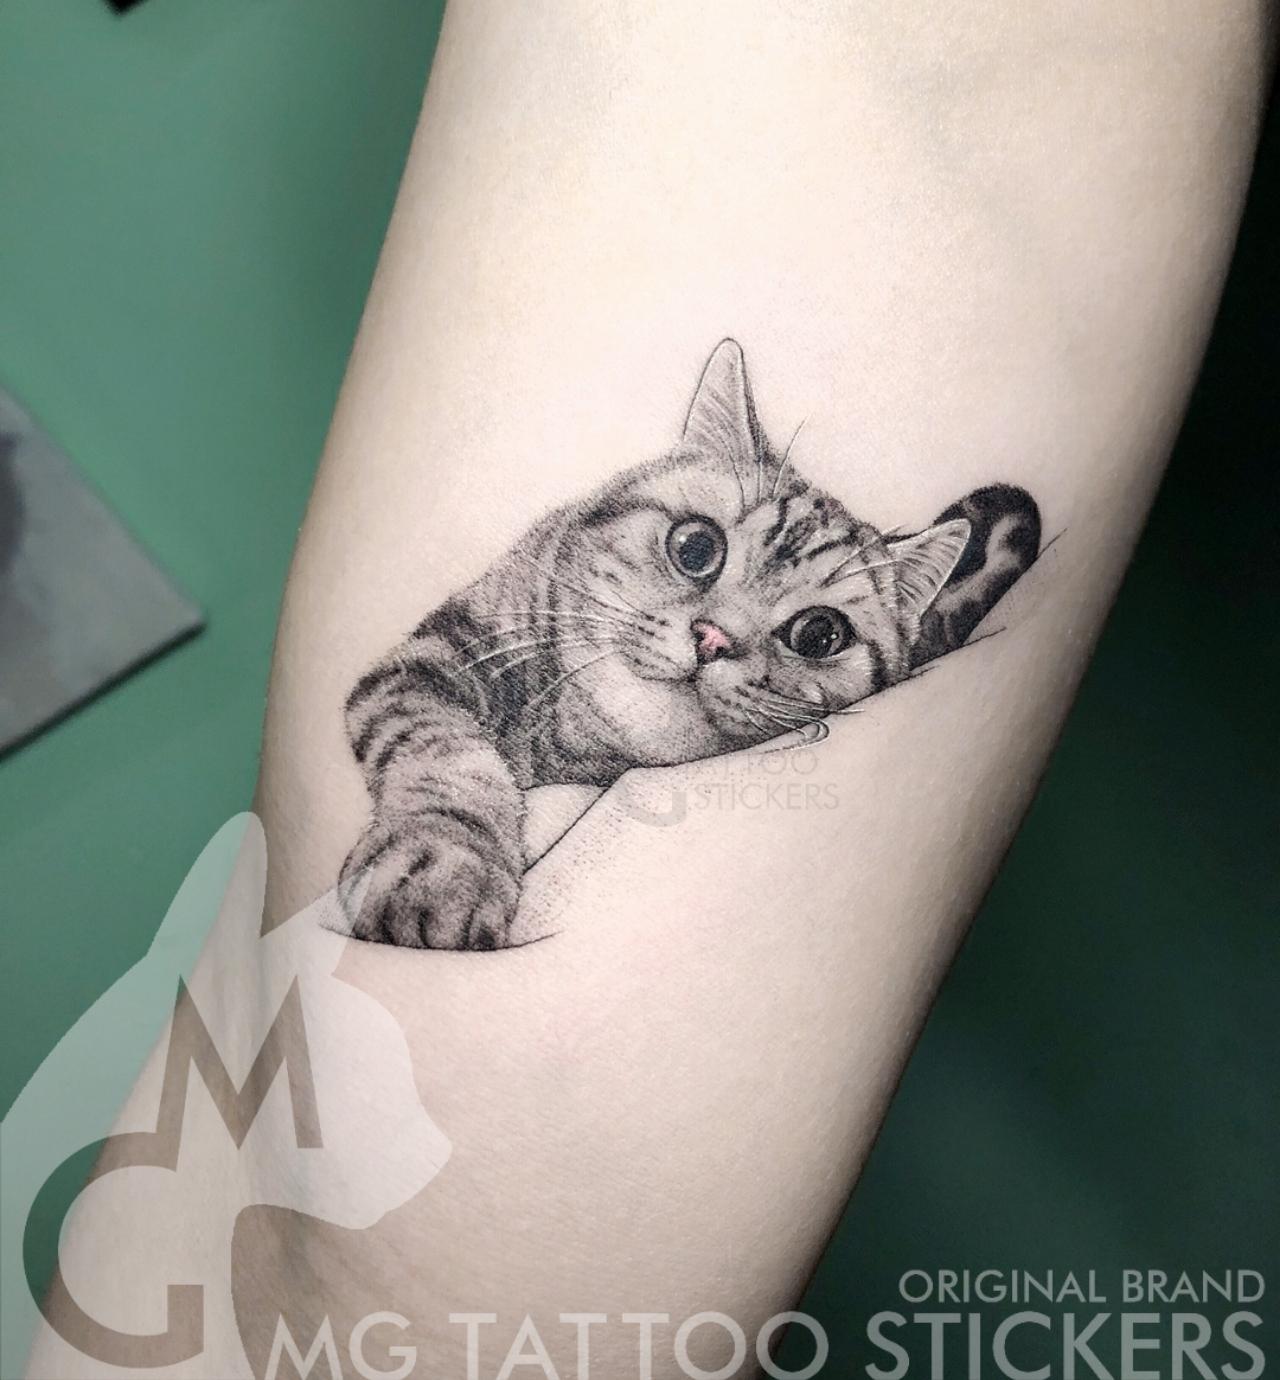 MG纹身贴/手绘TATTOO/日系可爱宠物萌猫咪猫奴动物趣味纹身贴纸(非品牌)